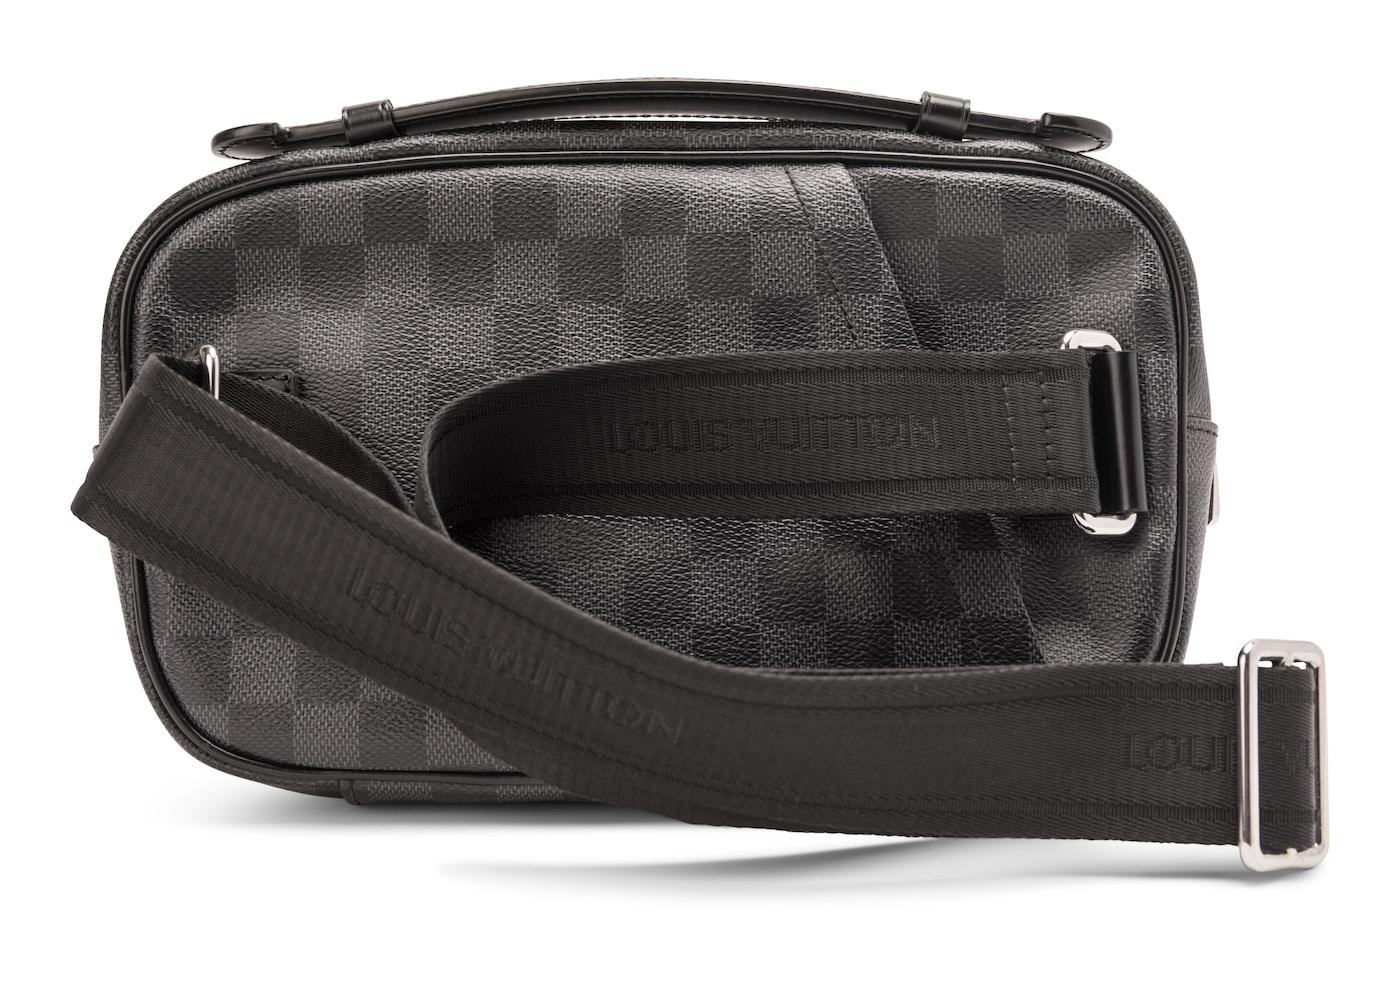 0c20d1f02f32 Louis Vuitton Ambler Damier Graphite Black